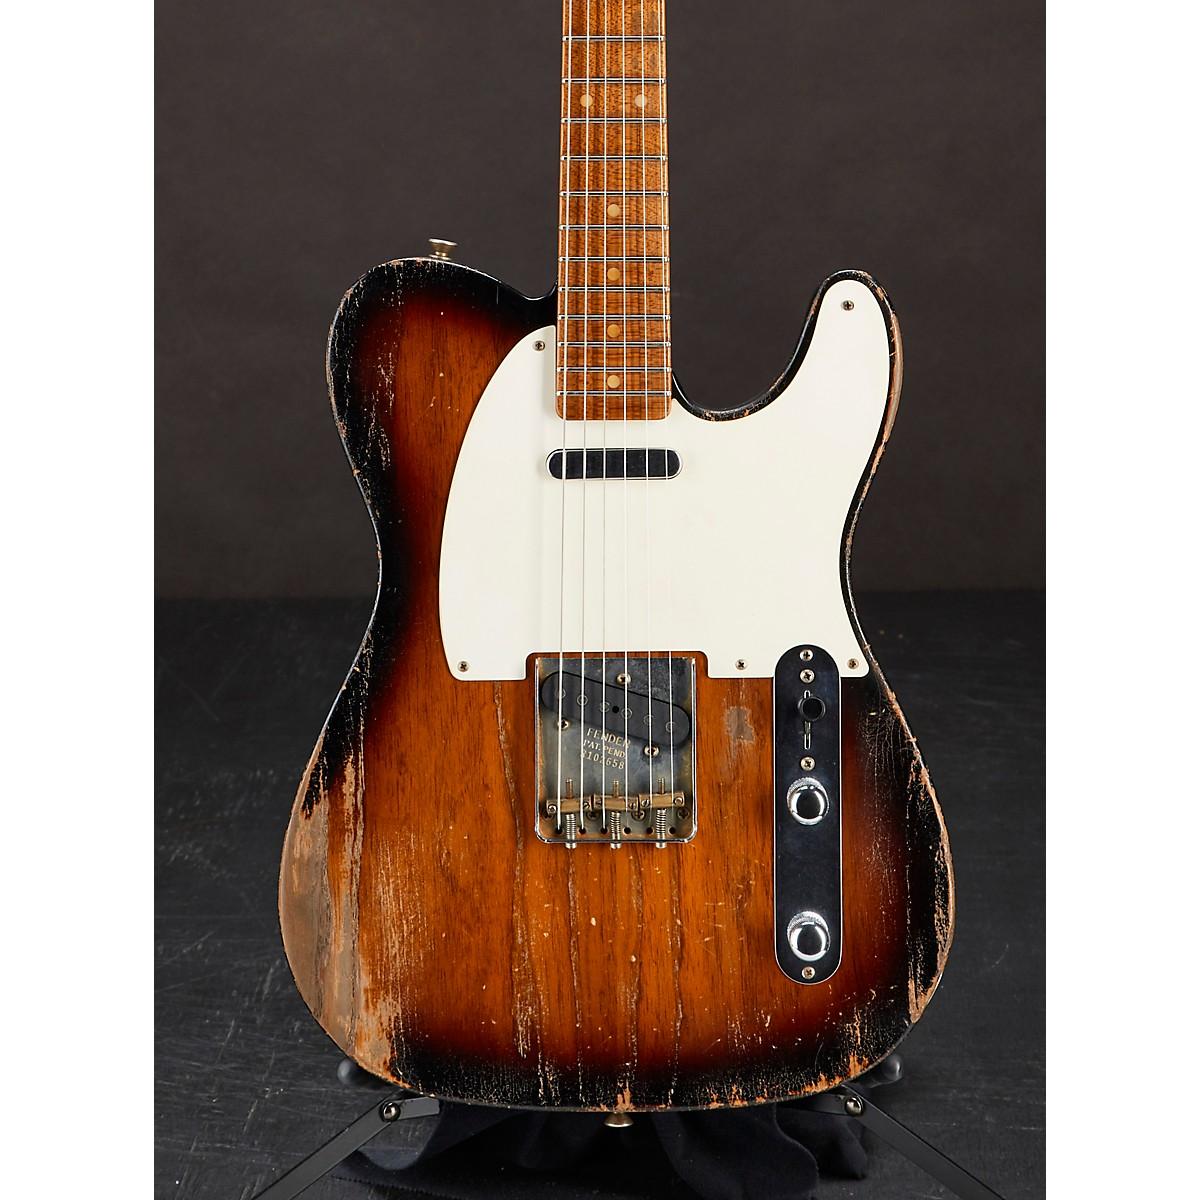 Fender Custom Shop 1955 Telecaster Relic Roasted Ash Electric Guitar Masterbuilt by Greg Fessler